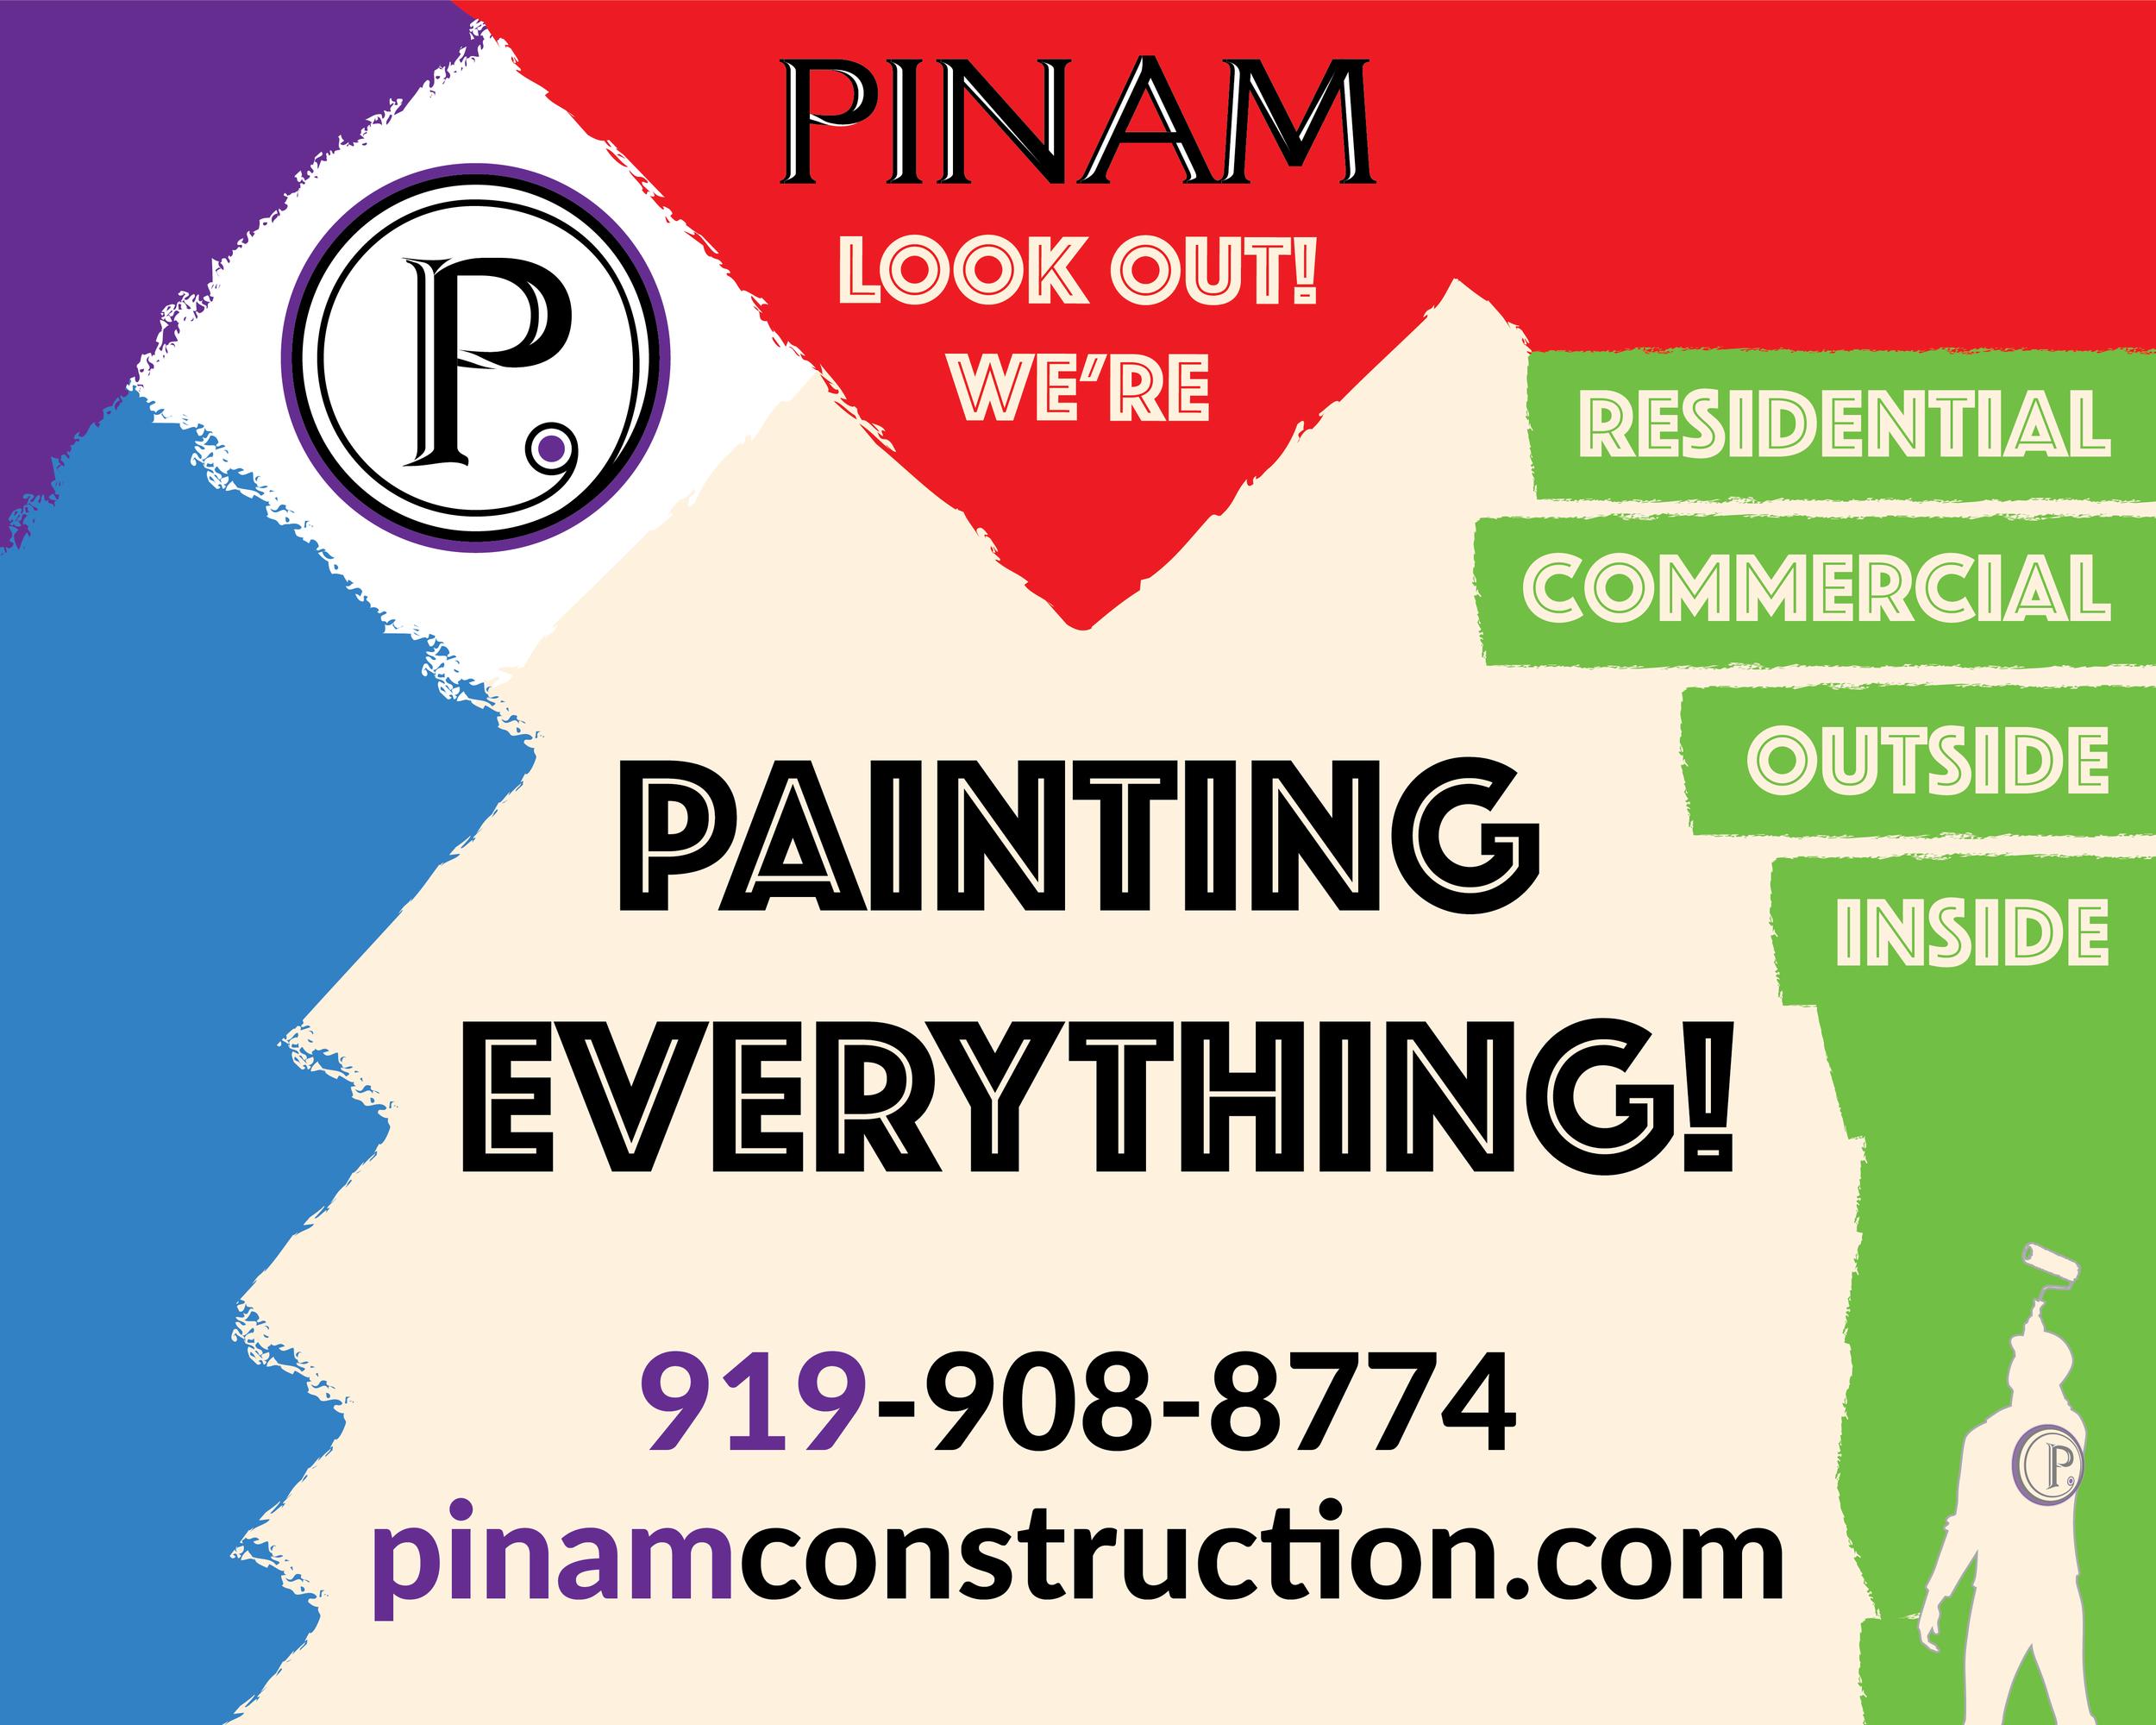 Pinam-YardSign-Painting-Draft-01.png